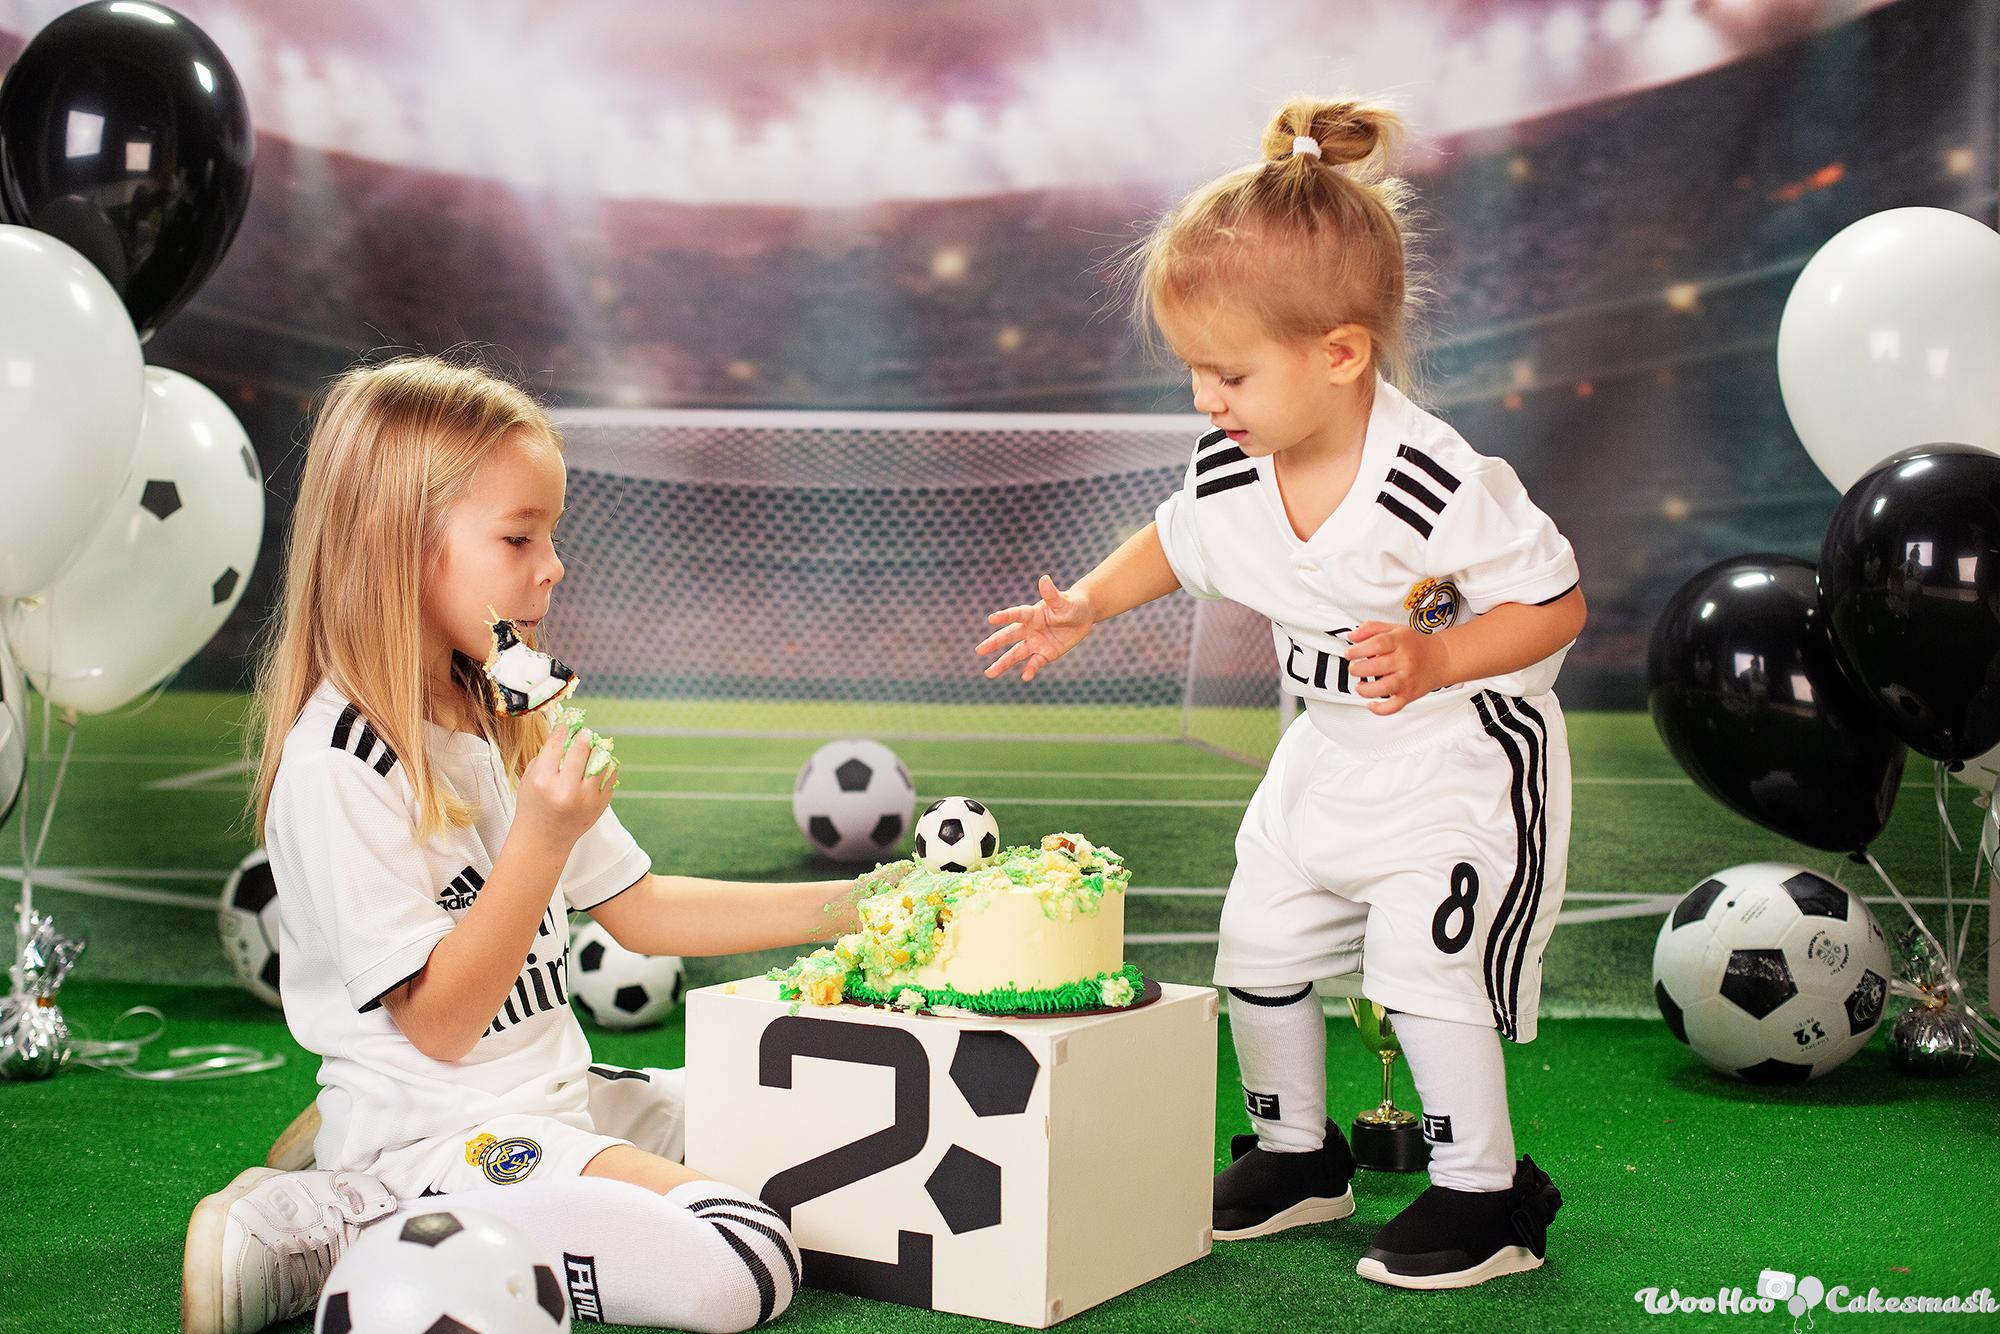 woohoo_cakesmash_Katya_football_girl_9